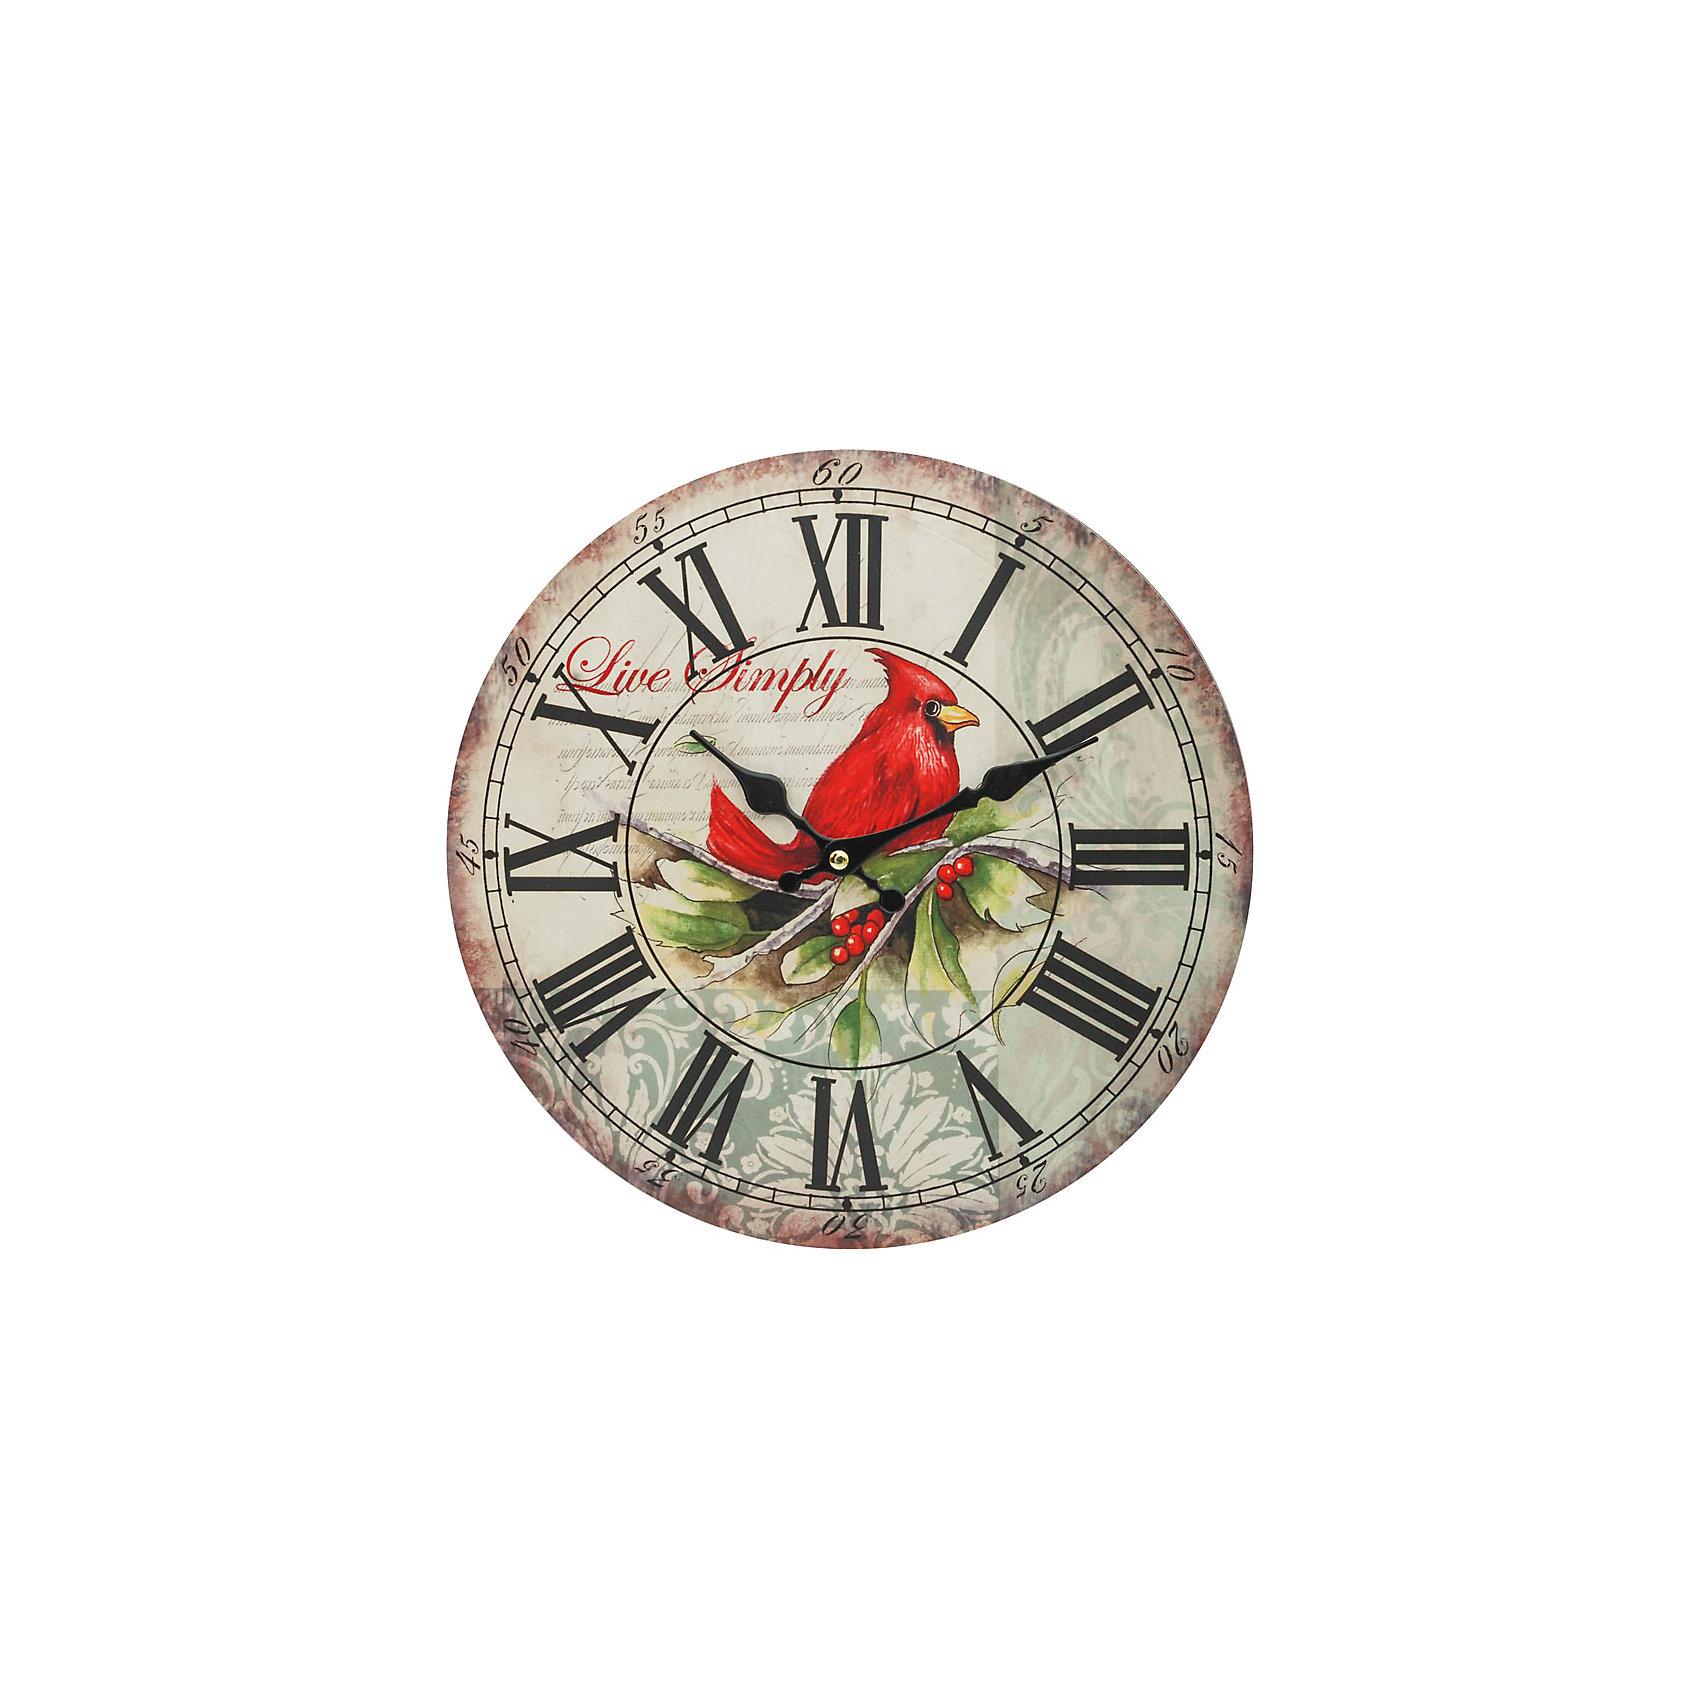 Часы настенные Красный кардинал, диаметр 34 смДетские предметы интерьера<br>Часы настенные Красный кардинал, диаметр 34 см.<br><br>Характеристики:<br><br>- Диаметр: 34 см.<br>- Две стрелки часовая и минутная<br>- Батарейка: 1 типа АА (в комплект не входит)<br>- Основной цвет: серо-зеленый<br>- Упаковка картонная коробка<br><br>Кварцевые настенные часы с механизмом плавного хода помимо своего прямого назначения – показывать точное время – станут важным элементом декора Вашего дома, квартиры или офиса. Открытый циферблат часов выполнен из листа оргалита с декоративным покрытием, оформлен ярким изображением птицы. Часовая и минутная стрелки металлические. Часовой механизм закрыт пластиковым корпусом. Часы будут ярким акцентом в интерьере и создадут дополнительный уют и хорошее настроение.<br><br>Часы настенные Красный кардинал, диаметр 34 см можно купить в нашем интернет-магазине.<br><br>Ширина мм: 345<br>Глубина мм: 340<br>Высота мм: 45<br>Вес г: 2500<br>Возраст от месяцев: 72<br>Возраст до месяцев: 144<br>Пол: Унисекс<br>Возраст: Детский<br>SKU: 5089829